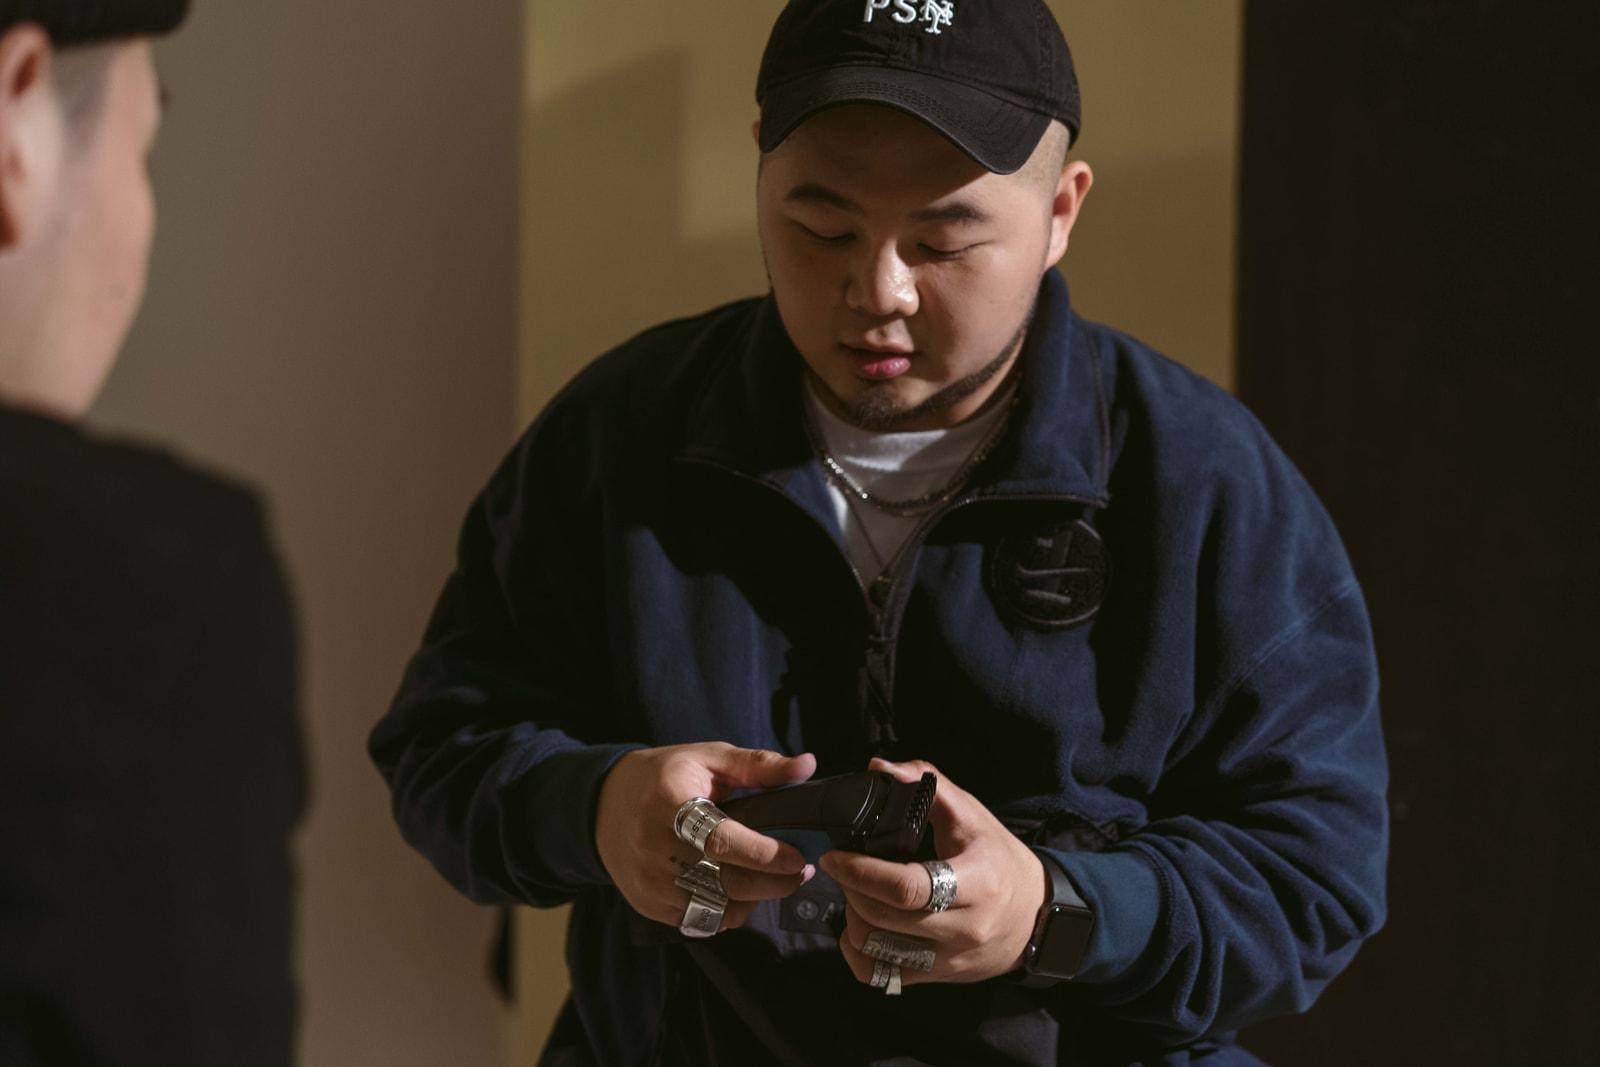 台灣攝影師 Mr. Triangle 以攝影探索 BRAUN 德國百靈 S3 系列工藝設計